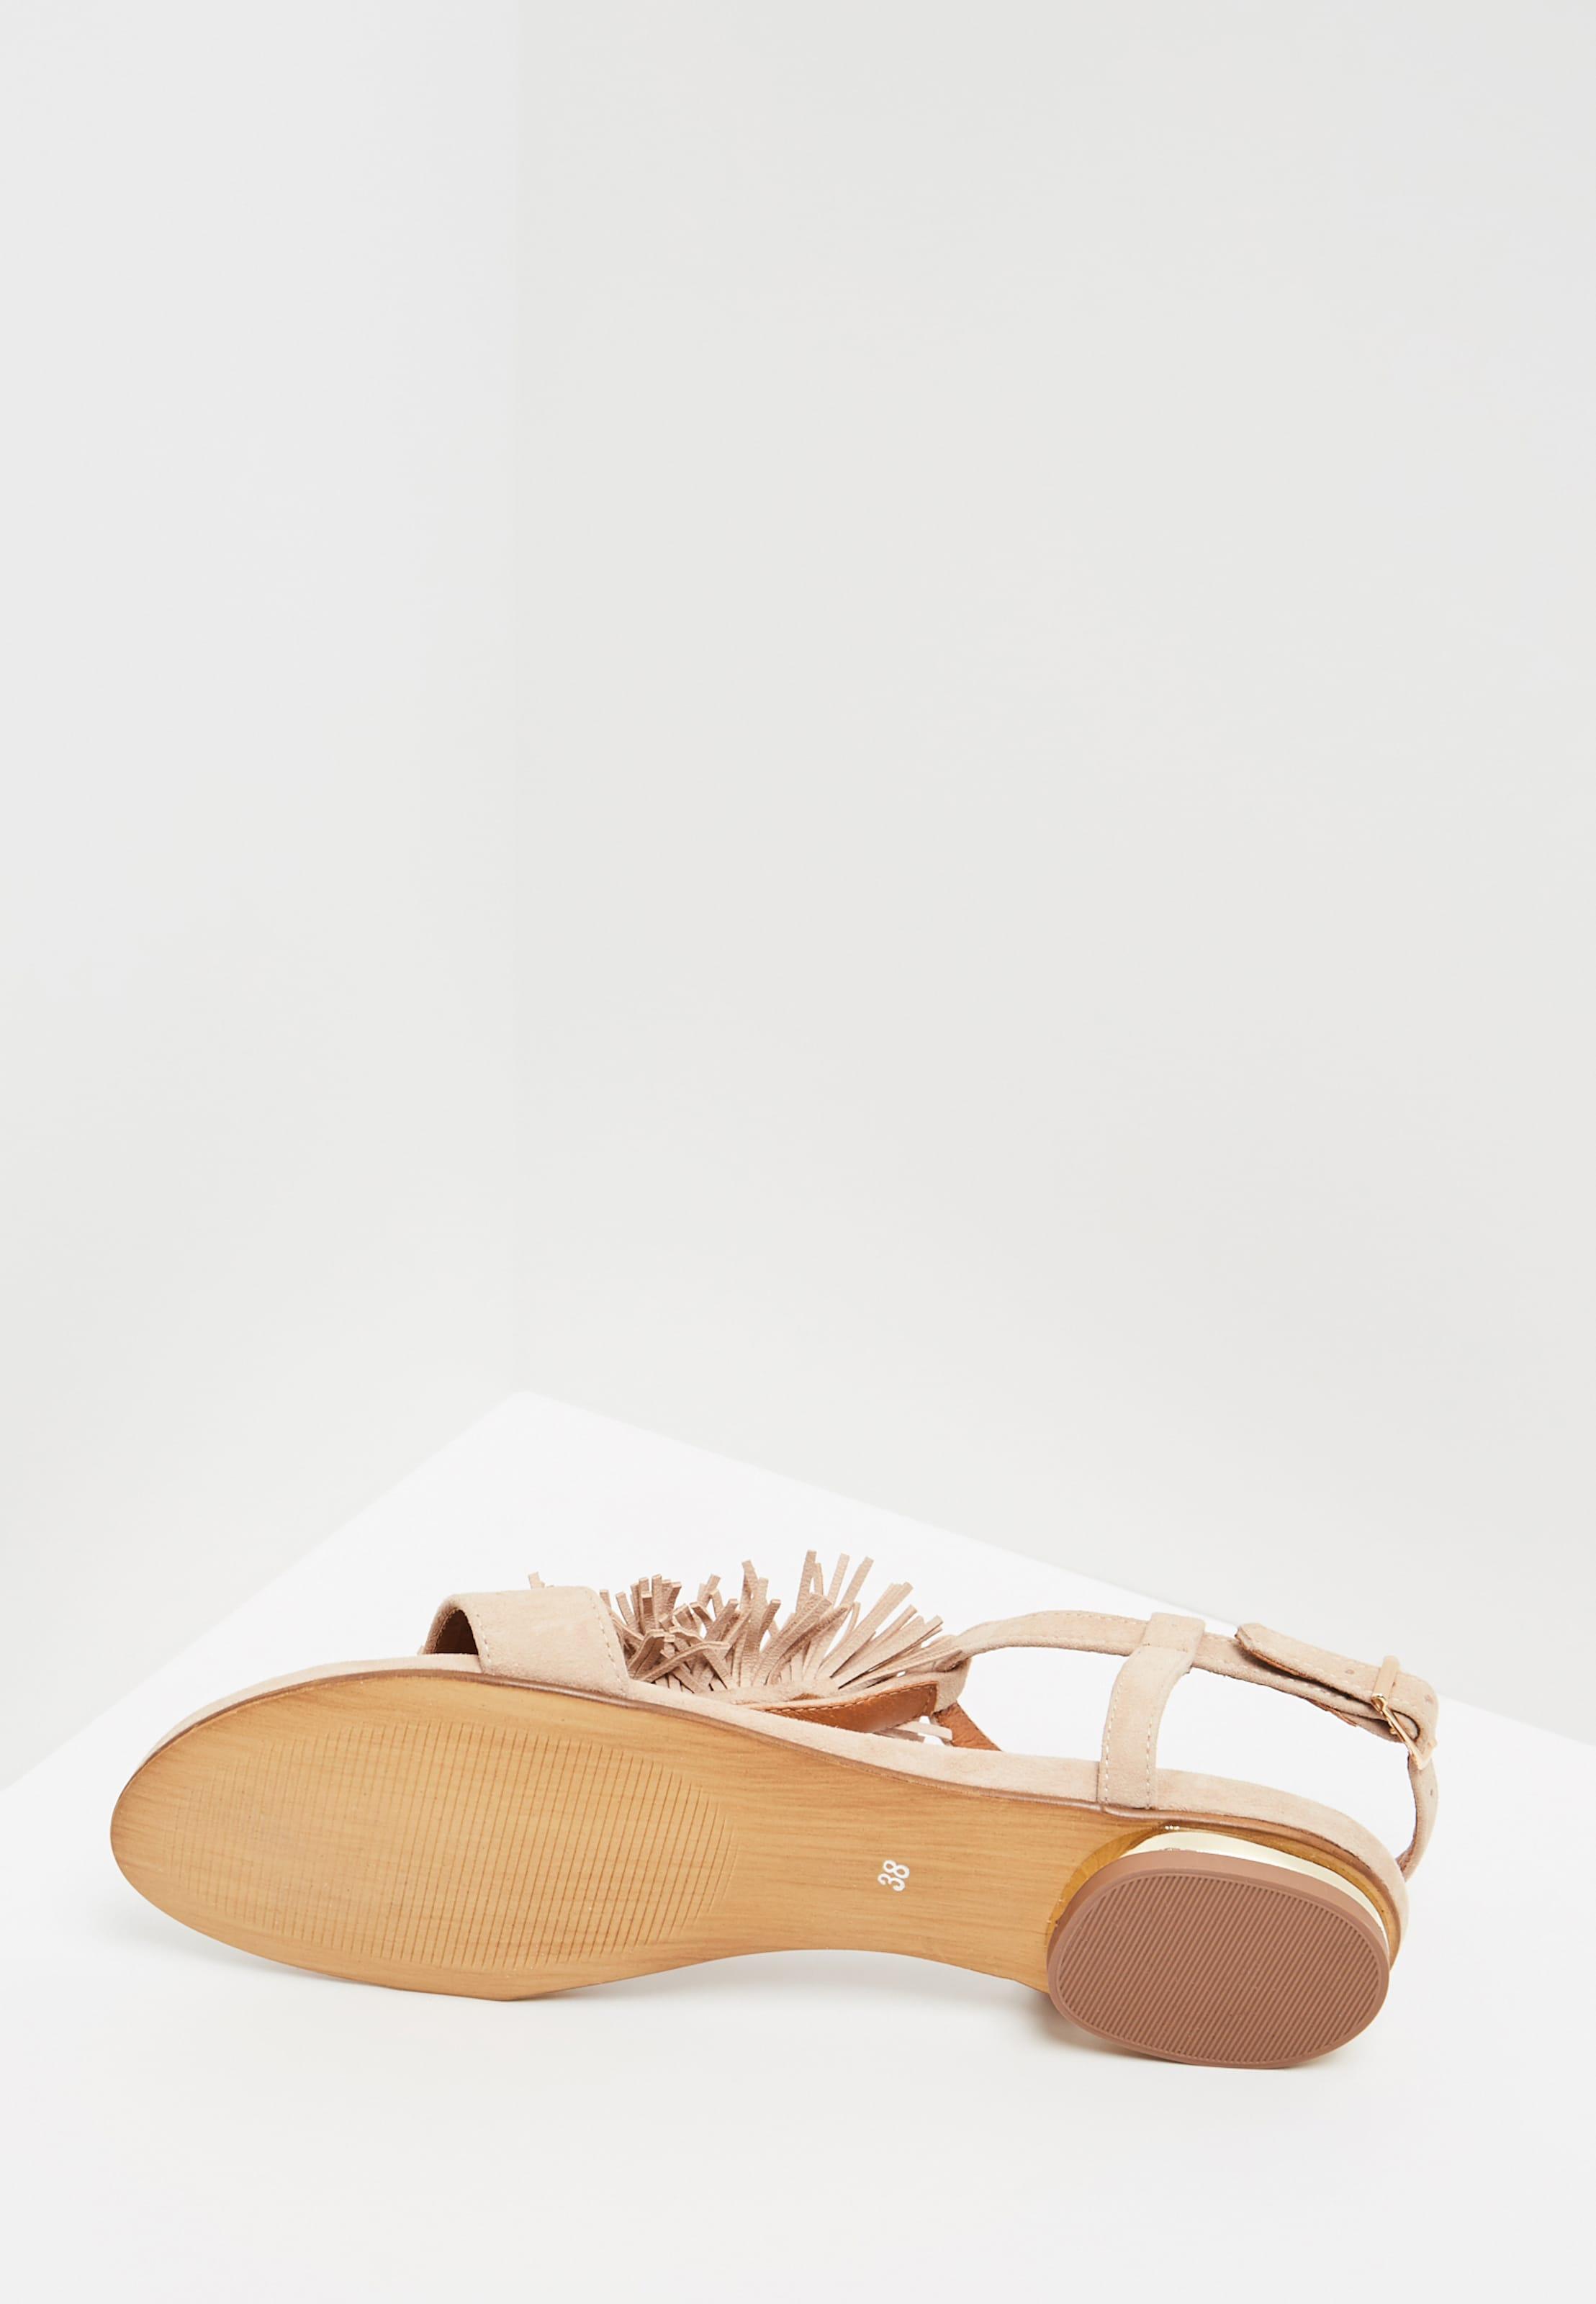 Sandale Beige Usha Sandale Sandale In In Usha Usha Beige xBoCed